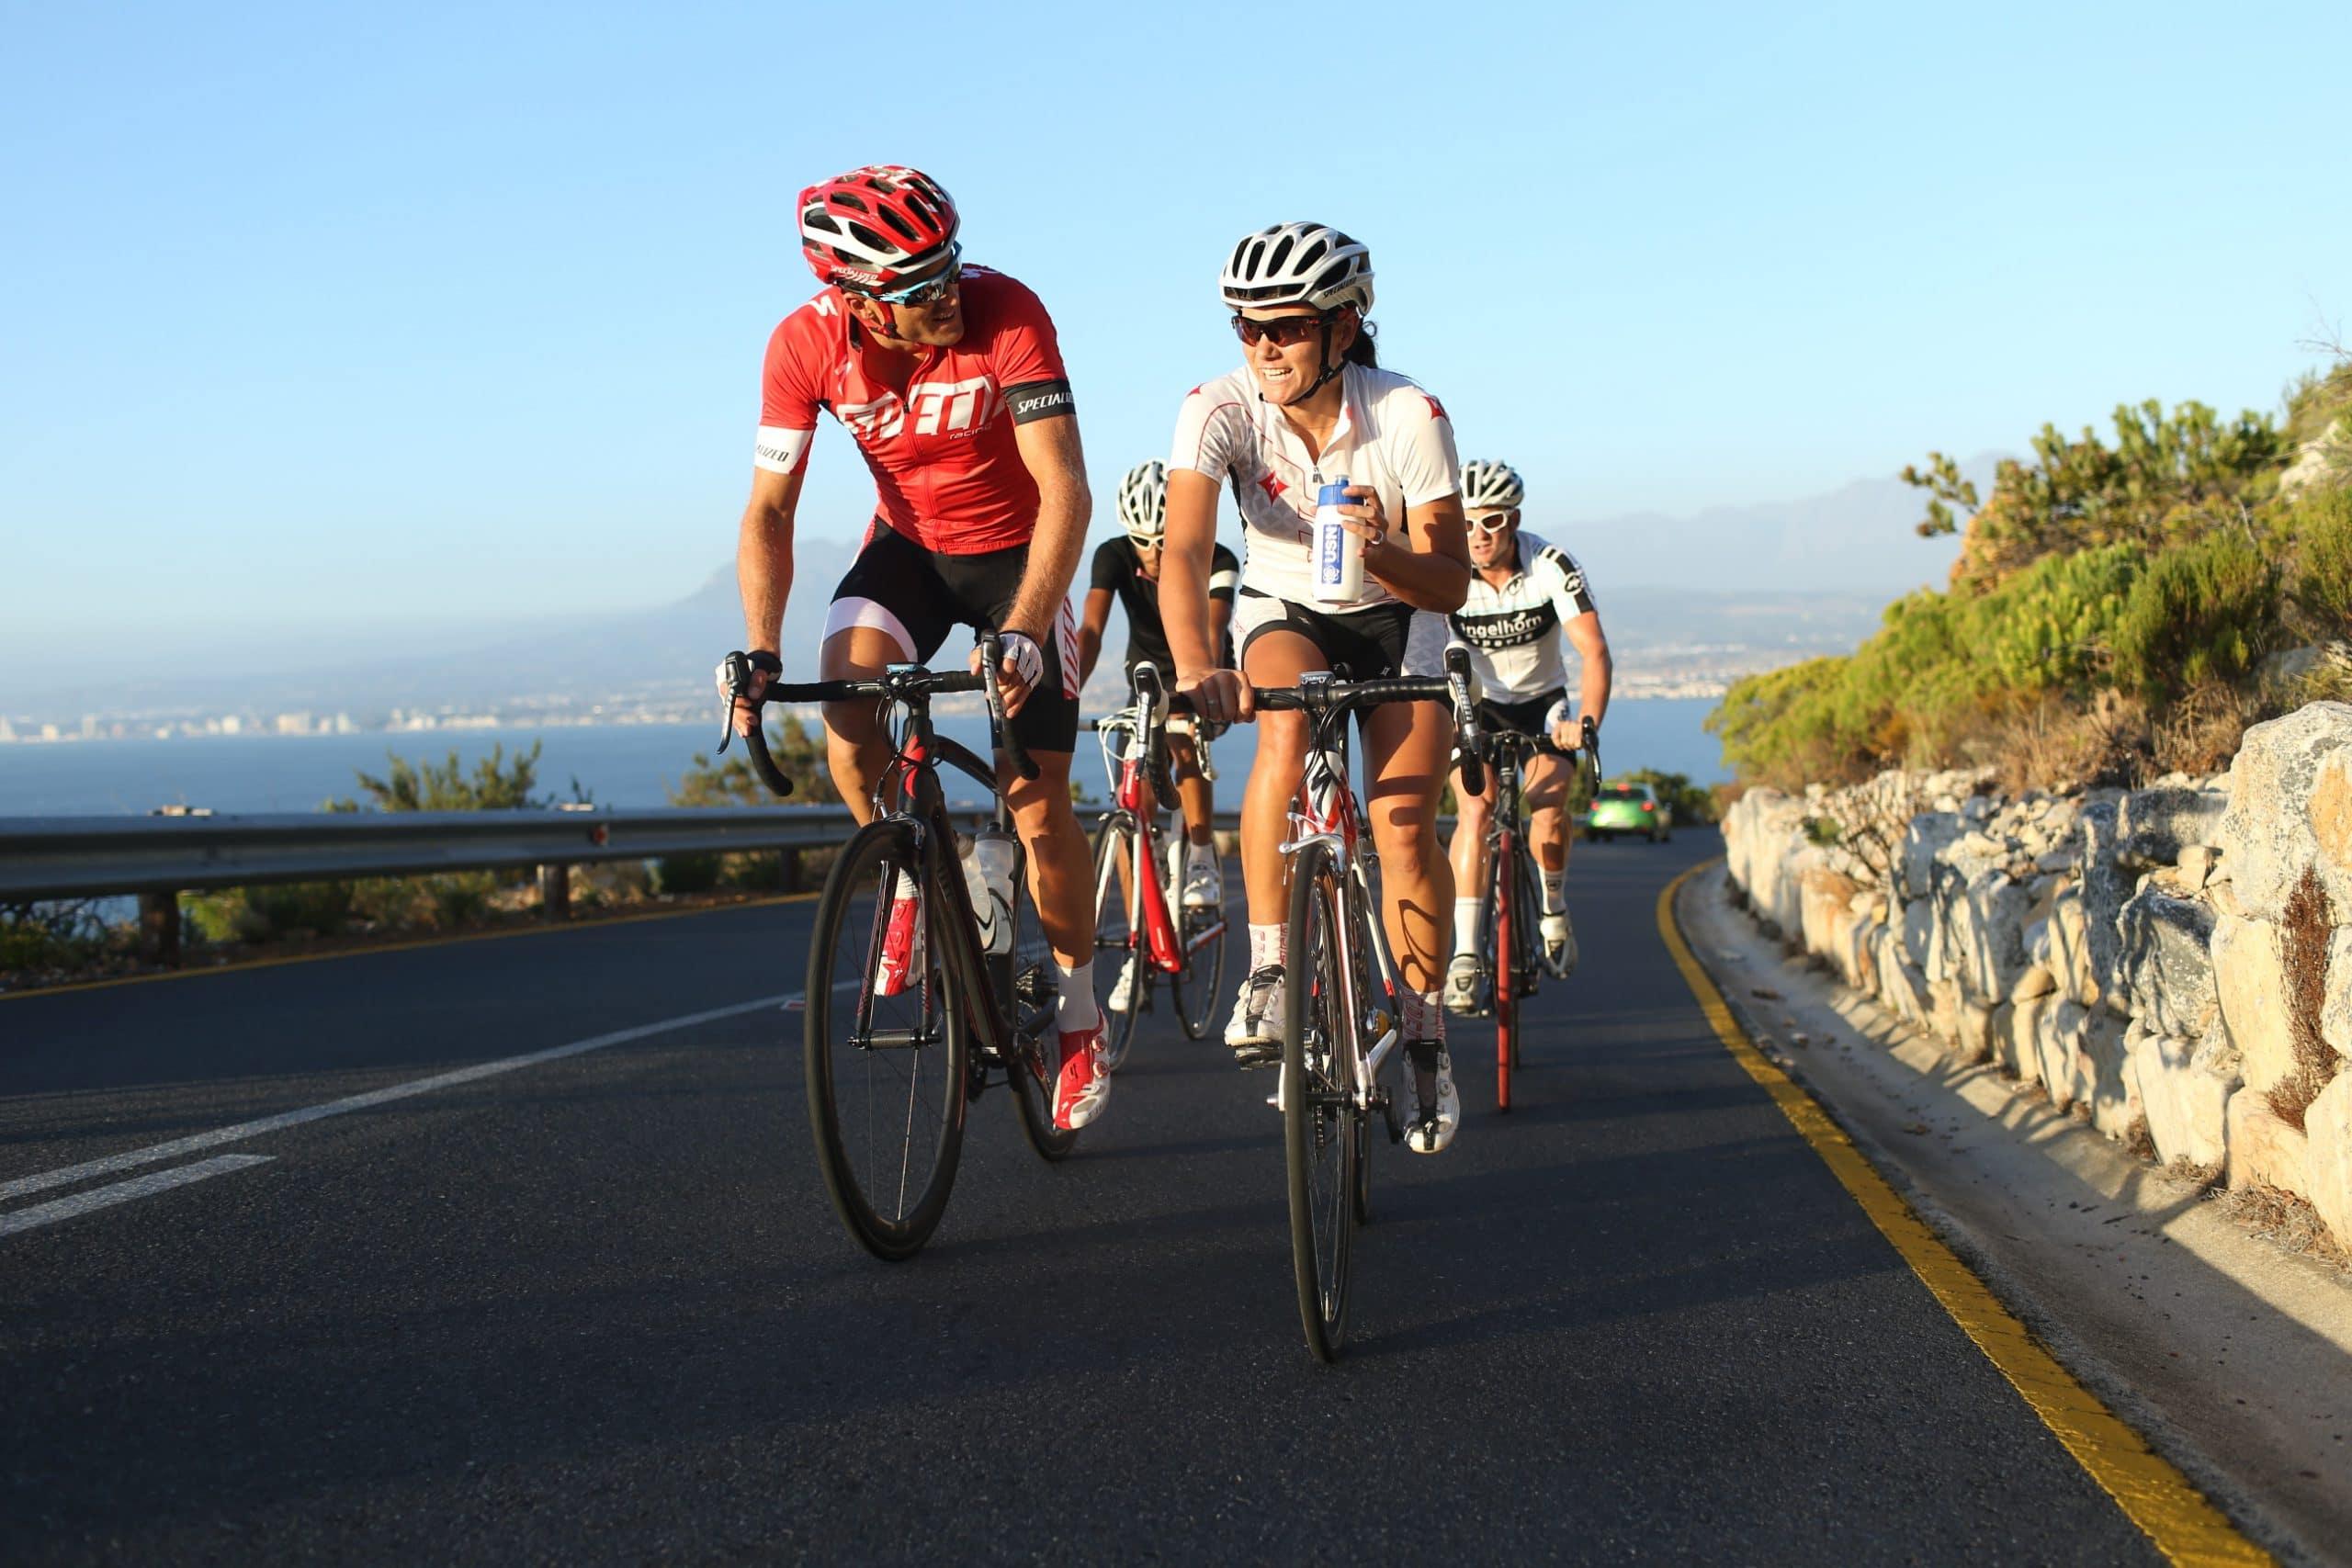 Ab sofort jeden Dienstag: Die engelhorn sports Bike Ausfahrt